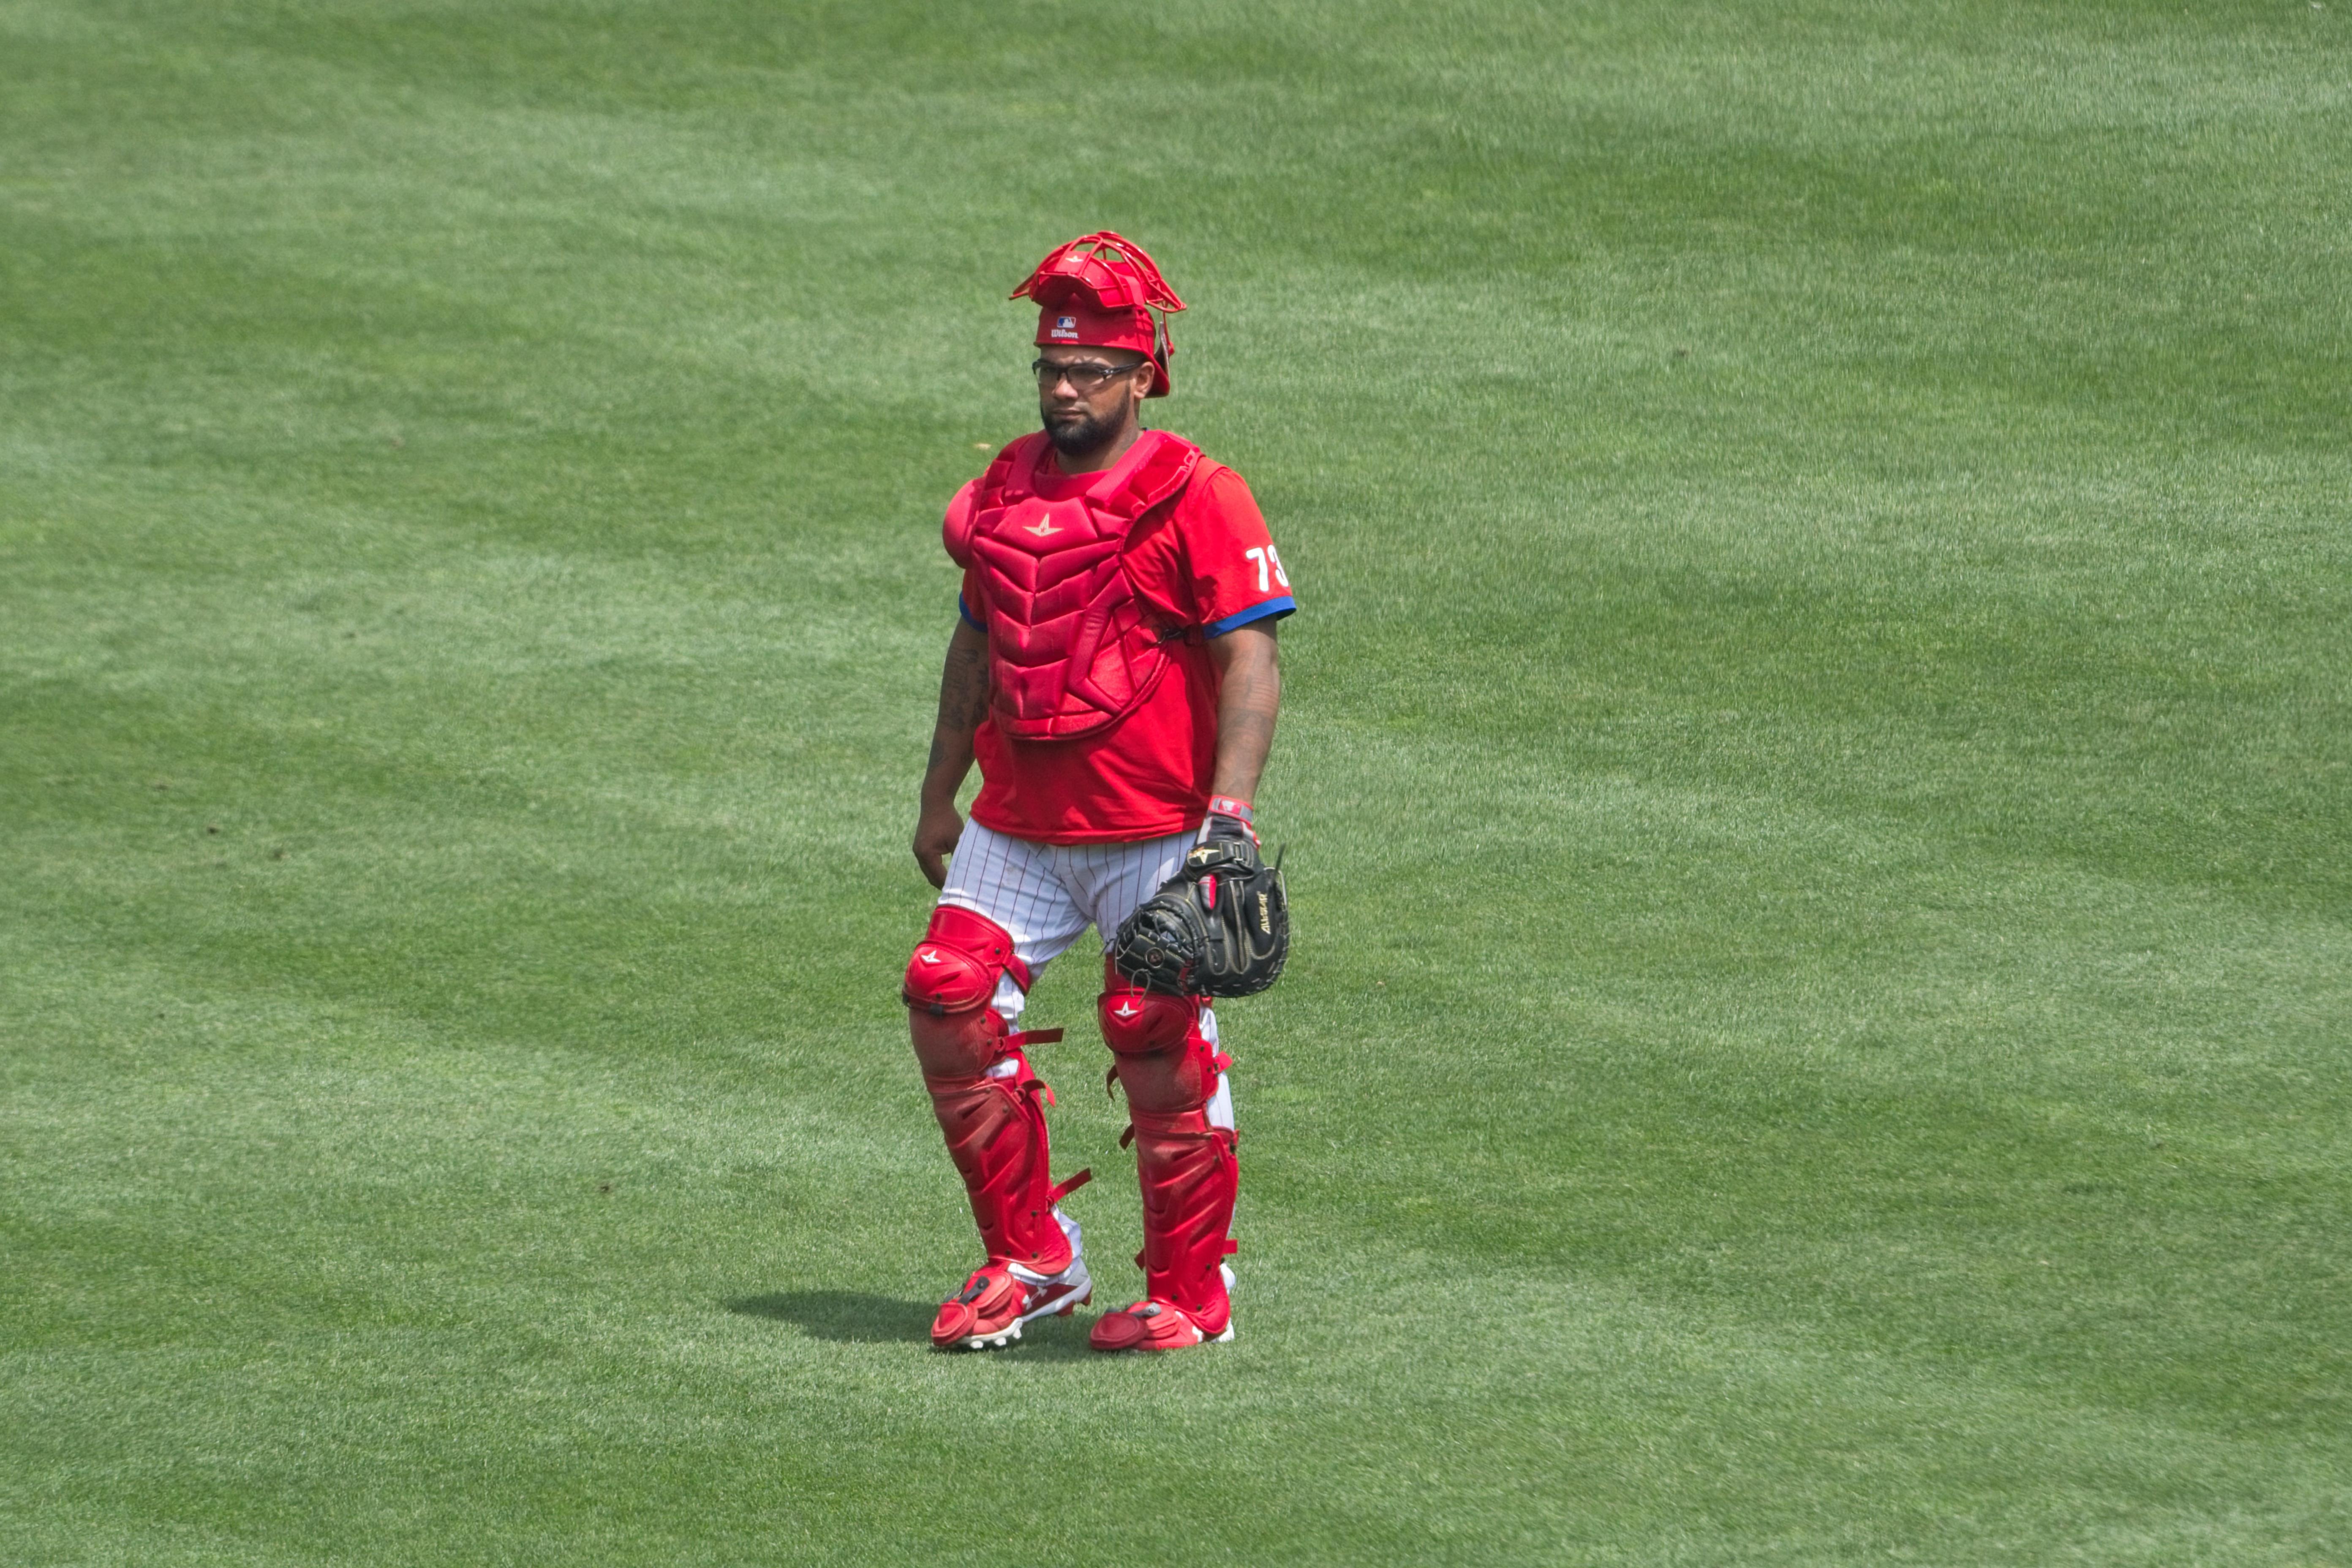 MLB: JUL 08 Phillies Summer Camp